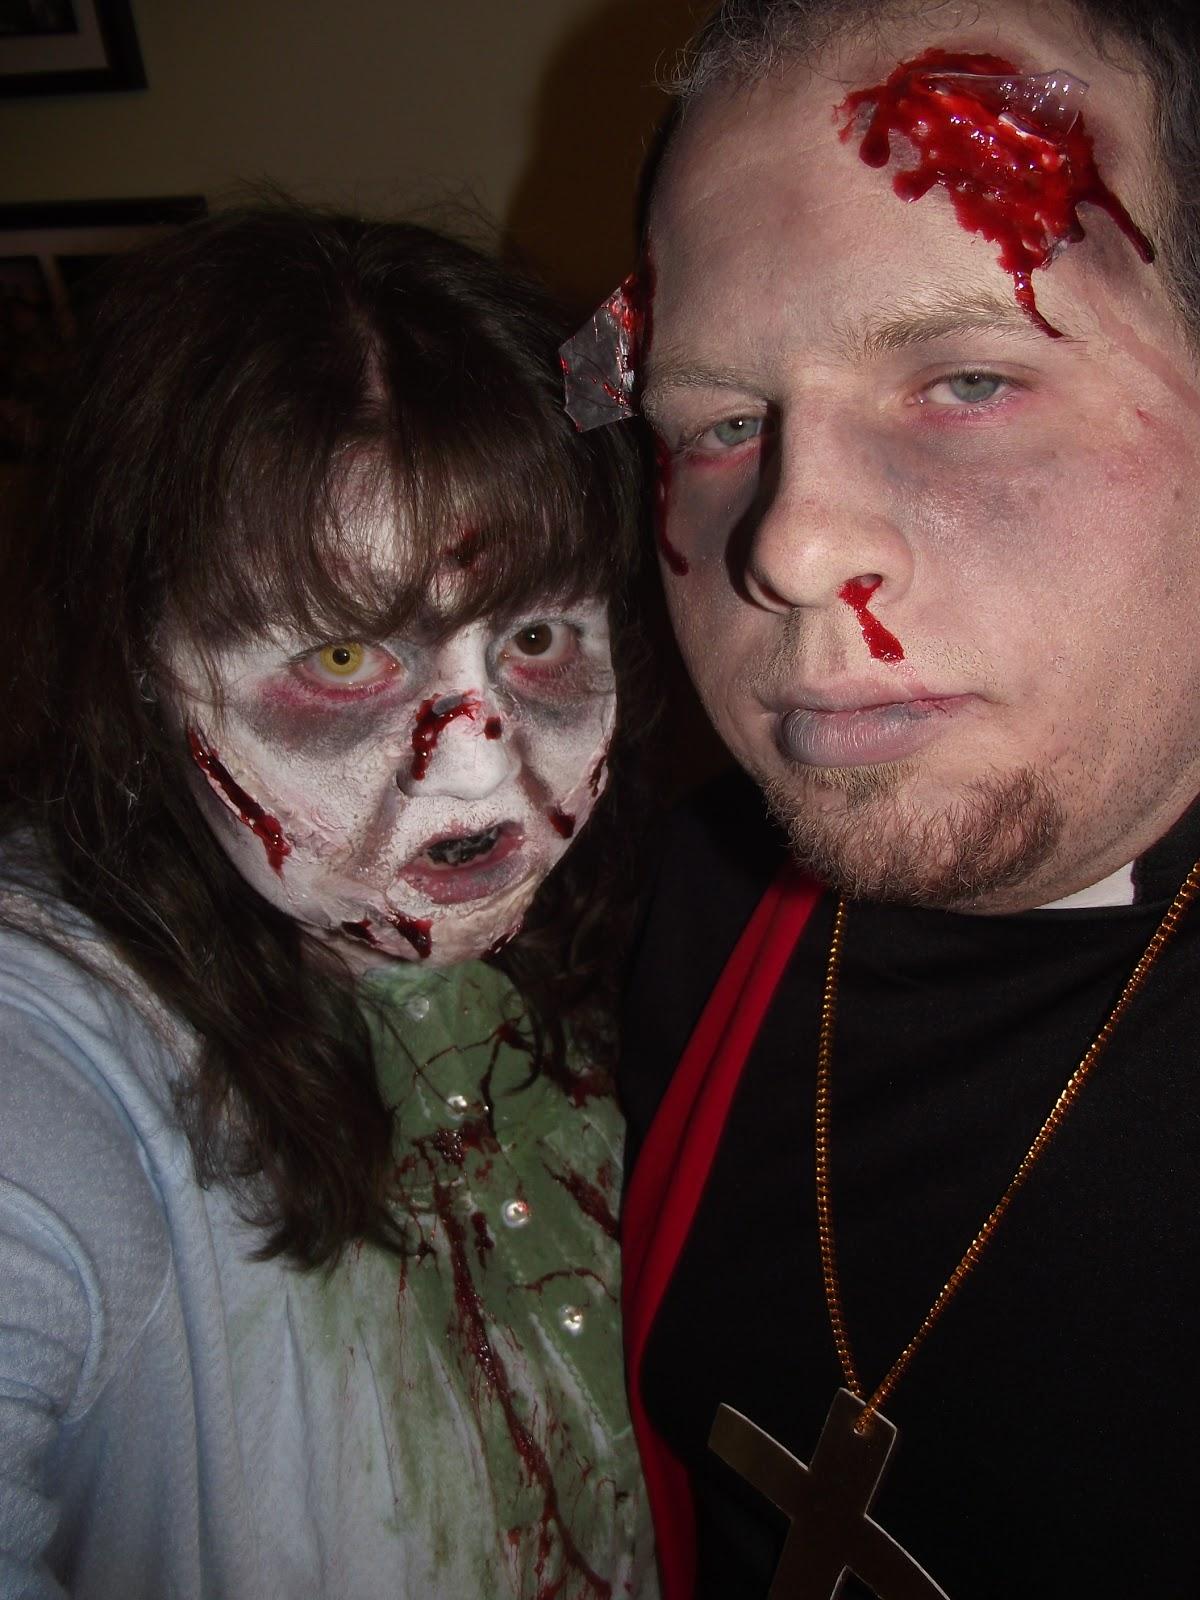 exorcist couple costumes